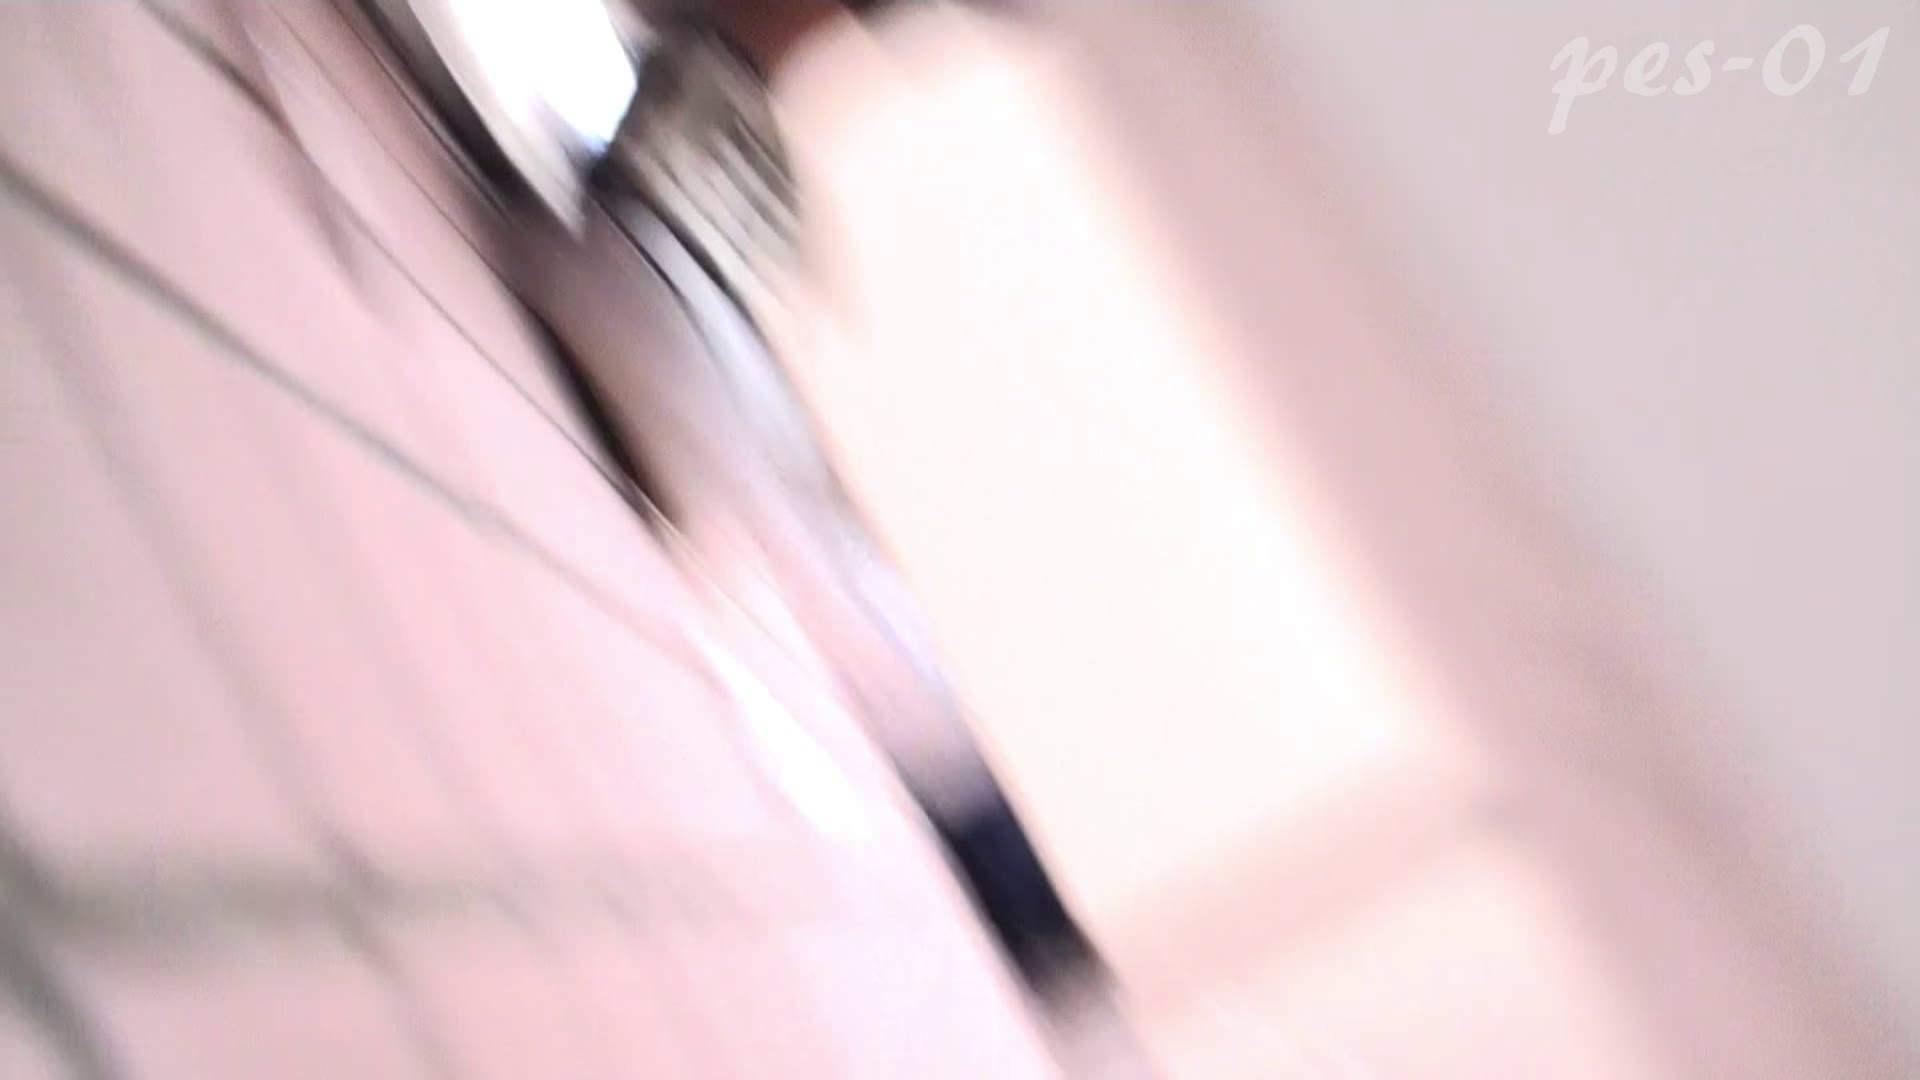 ※100個限定販売 至高下半身盗撮-プレミアム-【体育館編】VOL.1 盗撮 AV無料動画キャプチャ 85pic 53